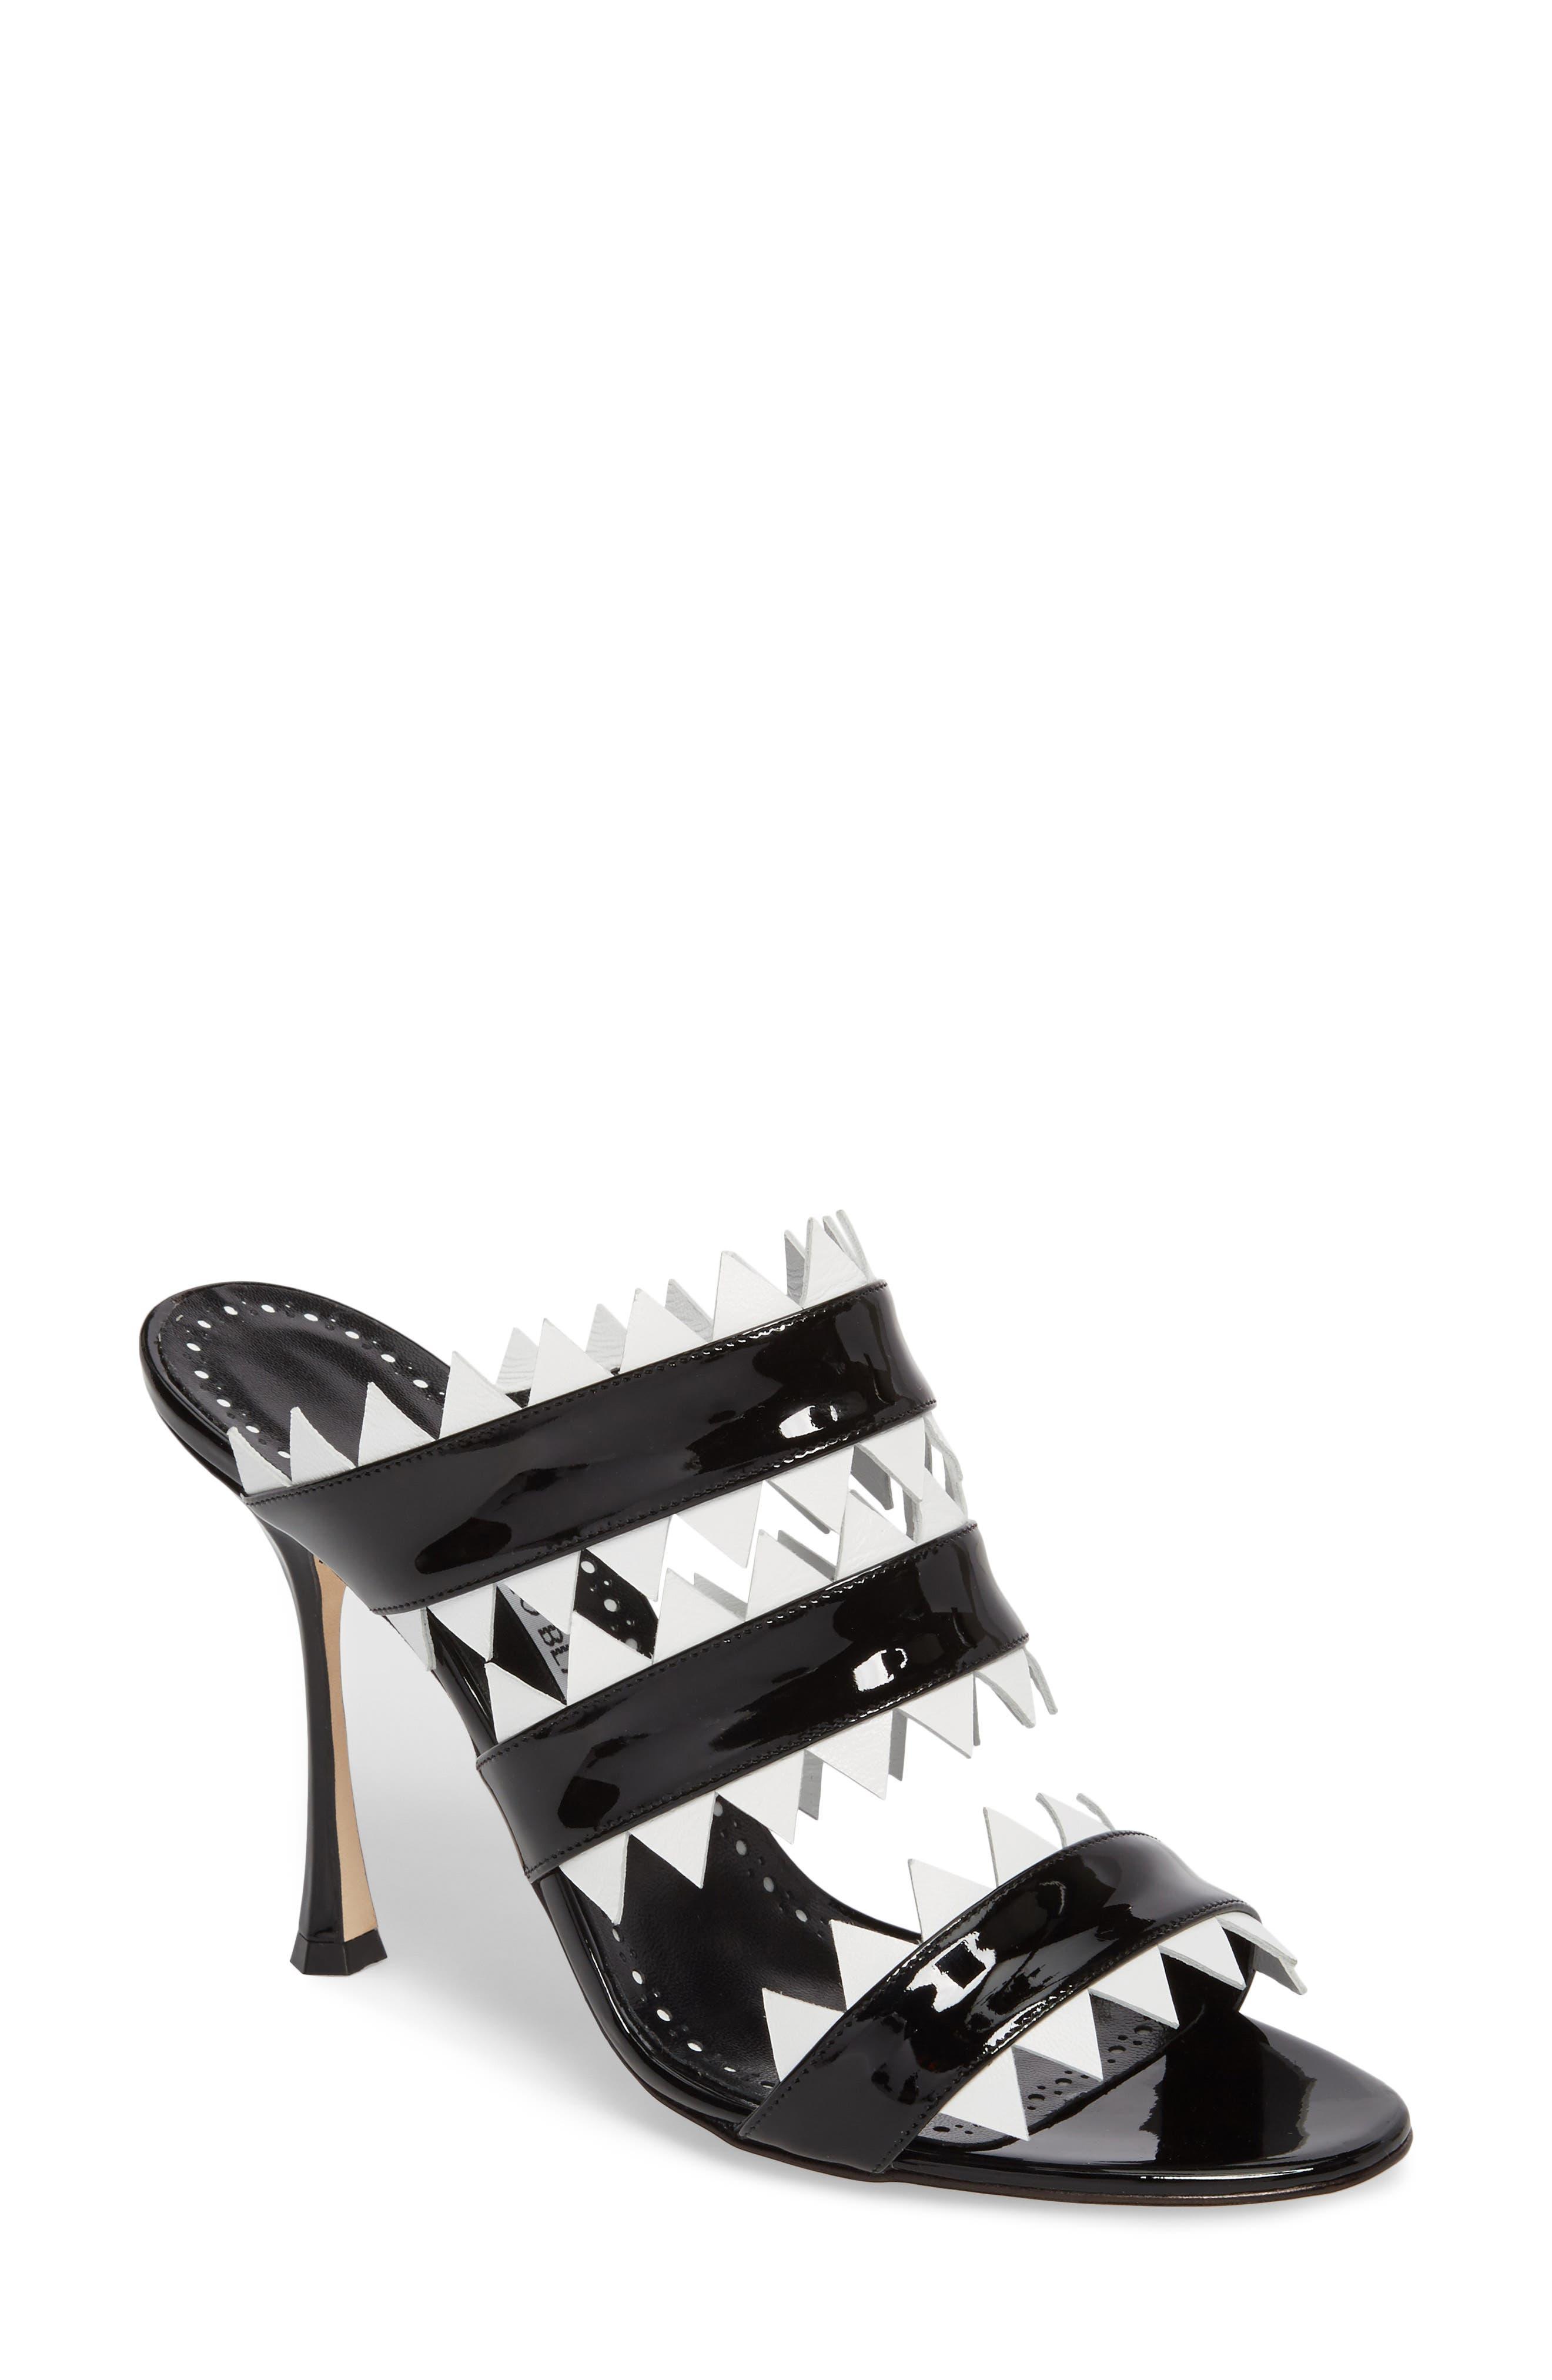 Arpege Mule Sandal,                             Main thumbnail 1, color,                             Black/ White